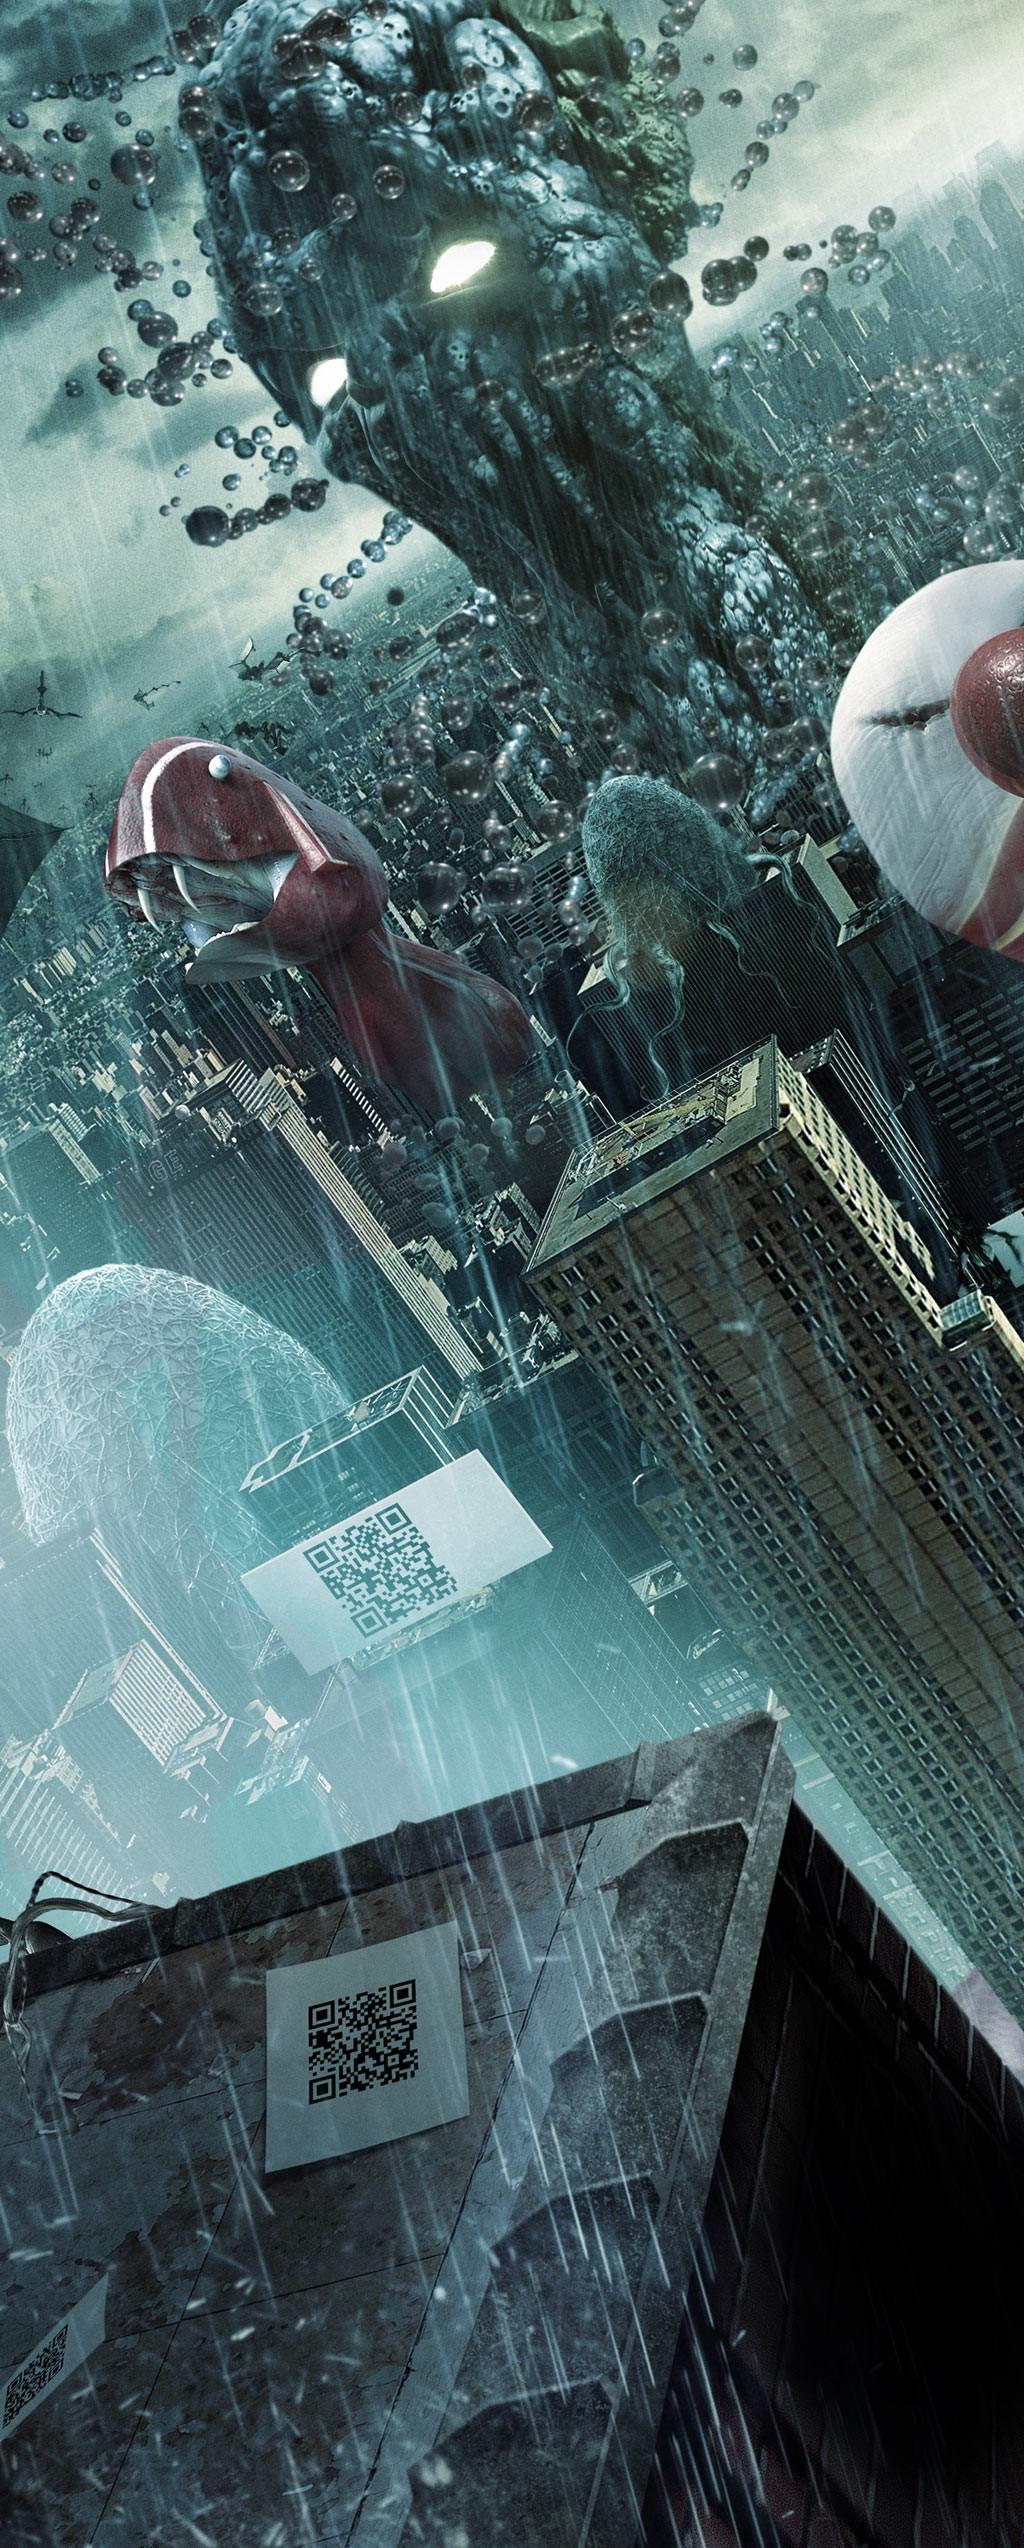 плакат фильма постер textless Москва 2017